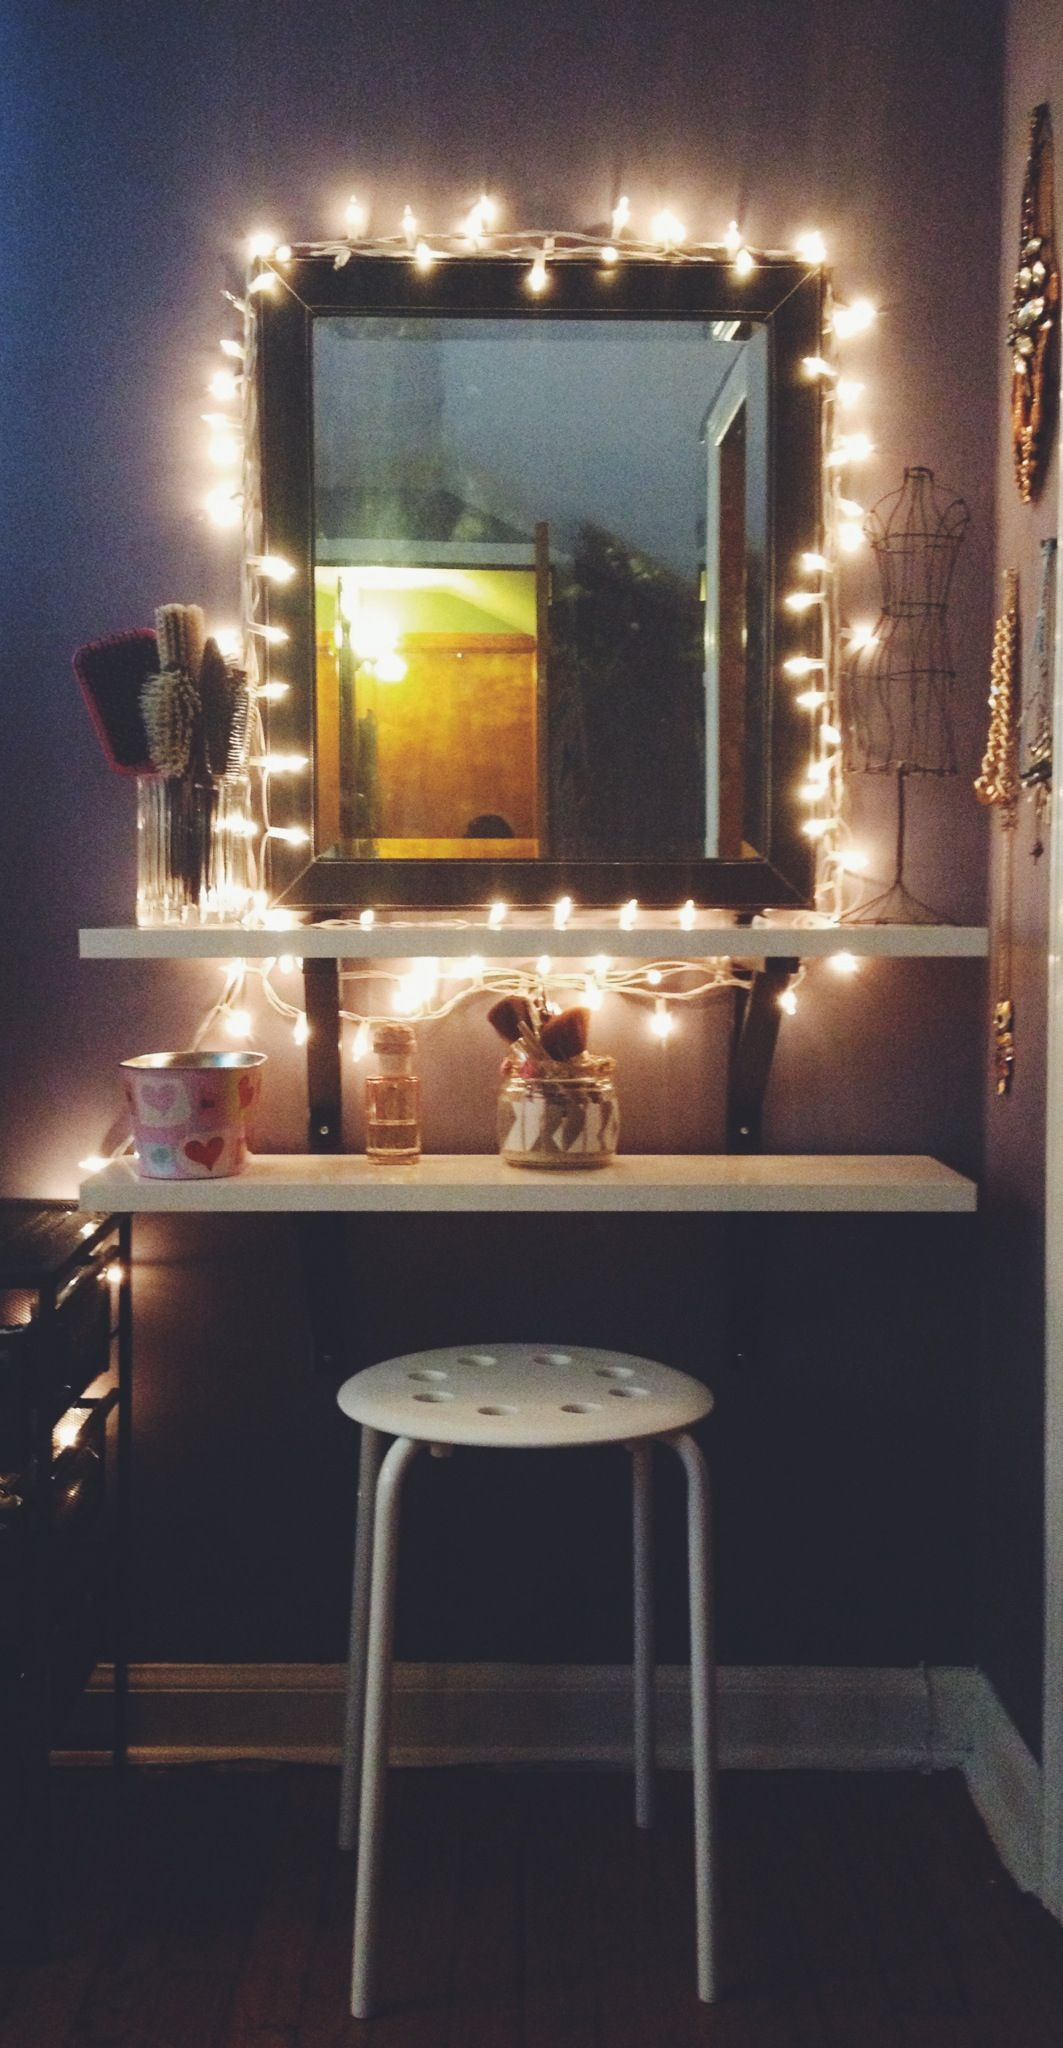 DIY Vanity Lights  DIY Ikea hack vanity put shelves on wall beside mirror